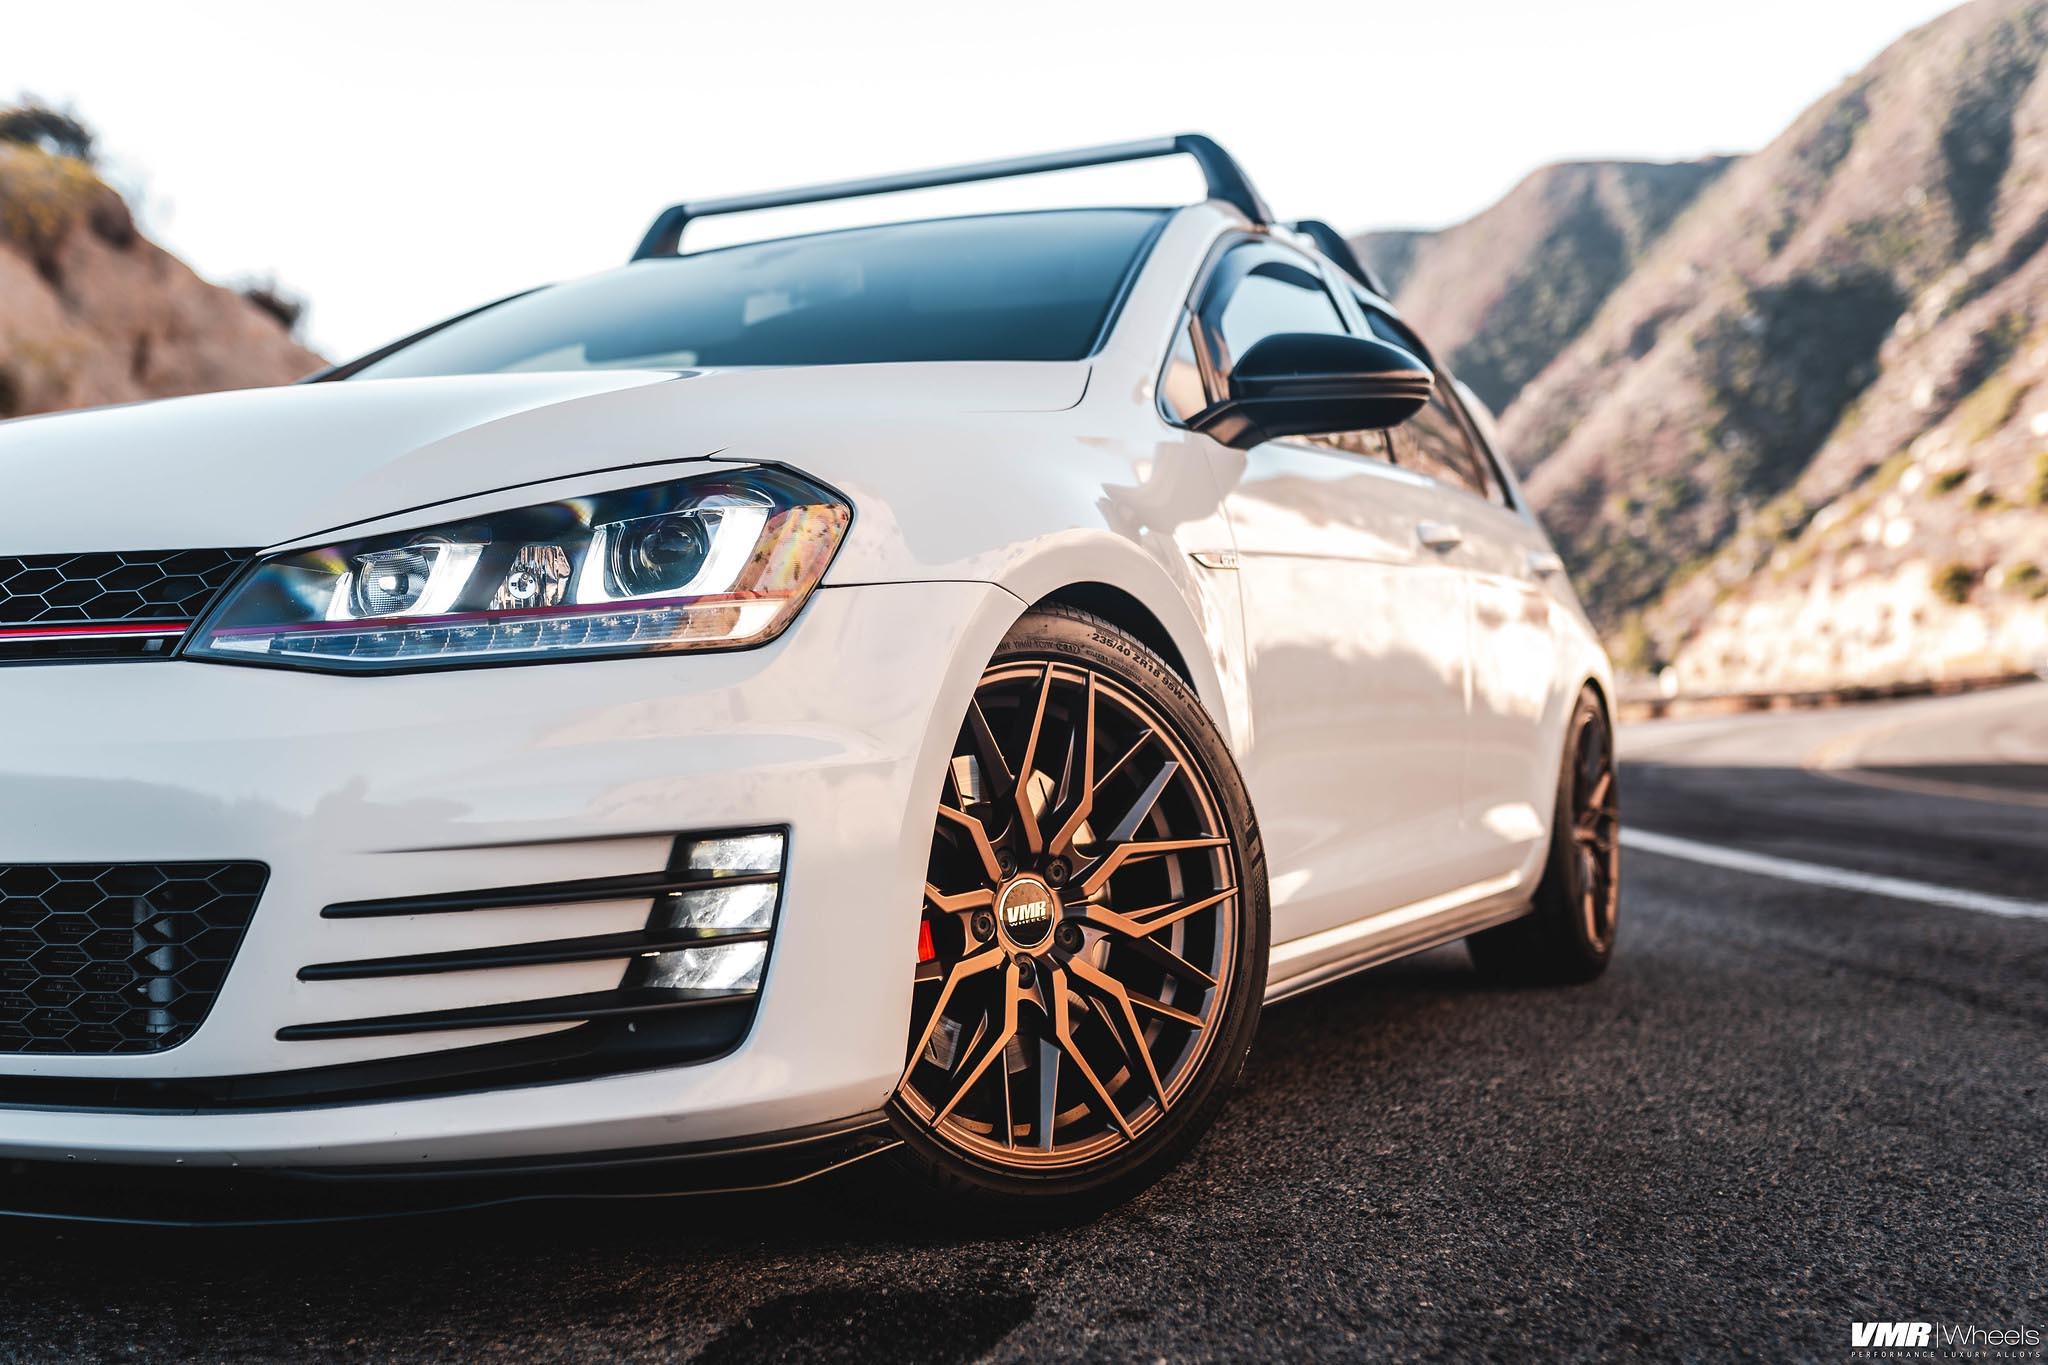 Volkswagen Golf Gti Mk7 White With Bronze Vmr V802 Aftermarket Wheels Wheel Front